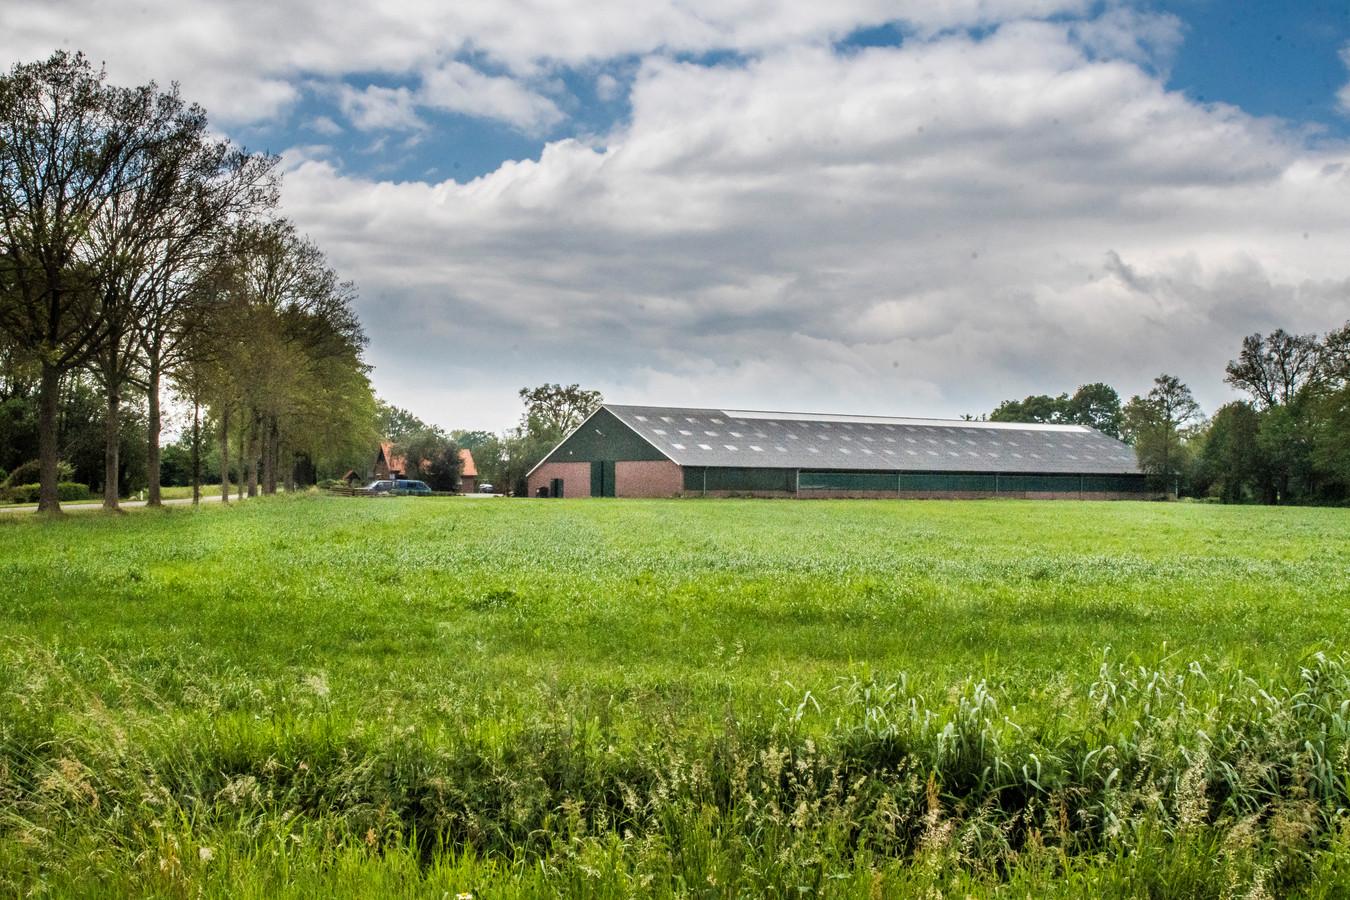 De maatschap Busschers-Janssen aan de Beldsweg in Ambt Delden wil de geitenhouderij uitbreiden tot een megastal voor ruim 5400 dieren. Daar steekt de rechtbank een stokje voor door bezwaren van drie omwonenden gegrond te verklaren.